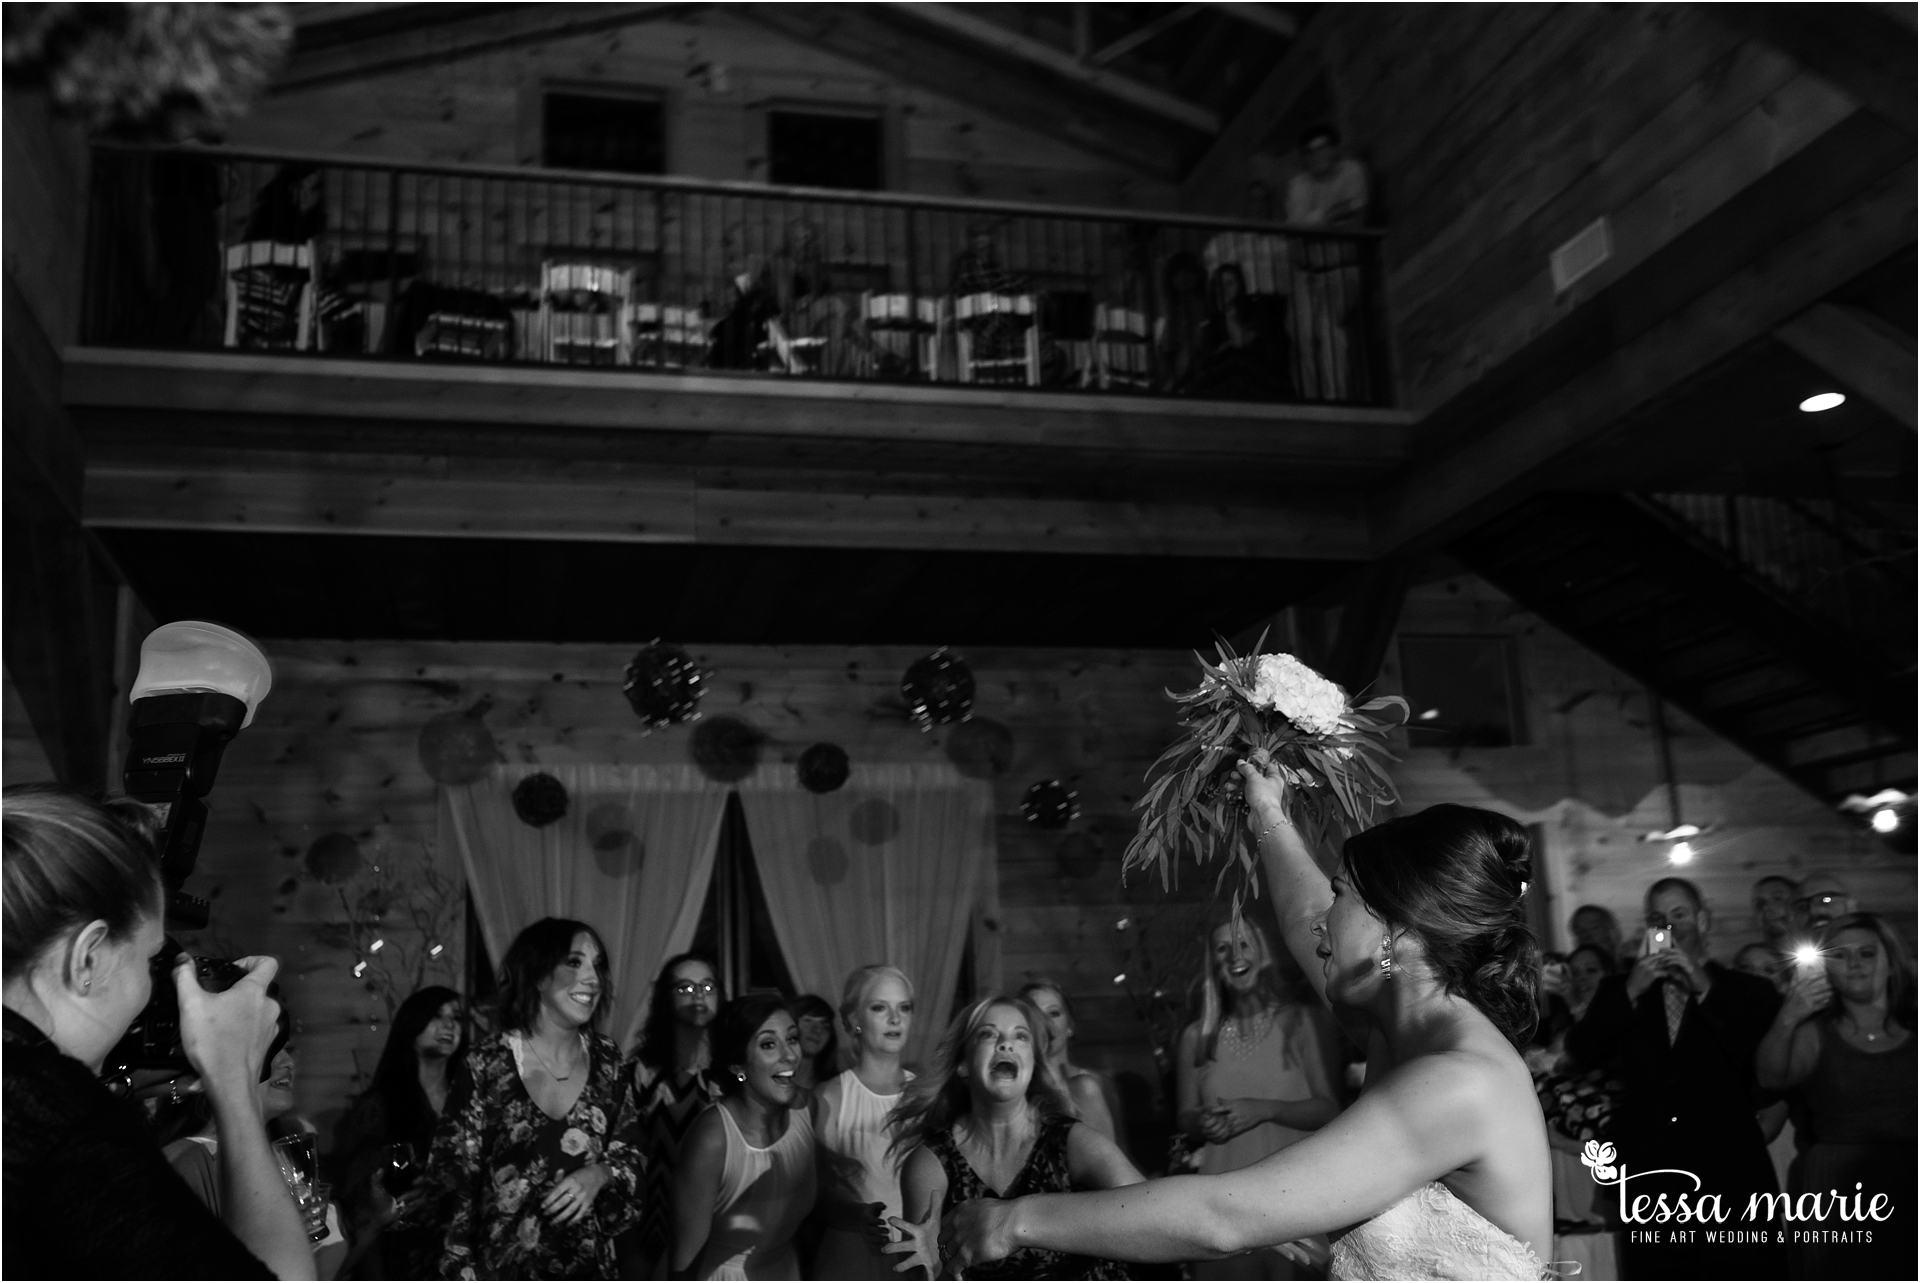 032216_brittany_kevin_wedding-174